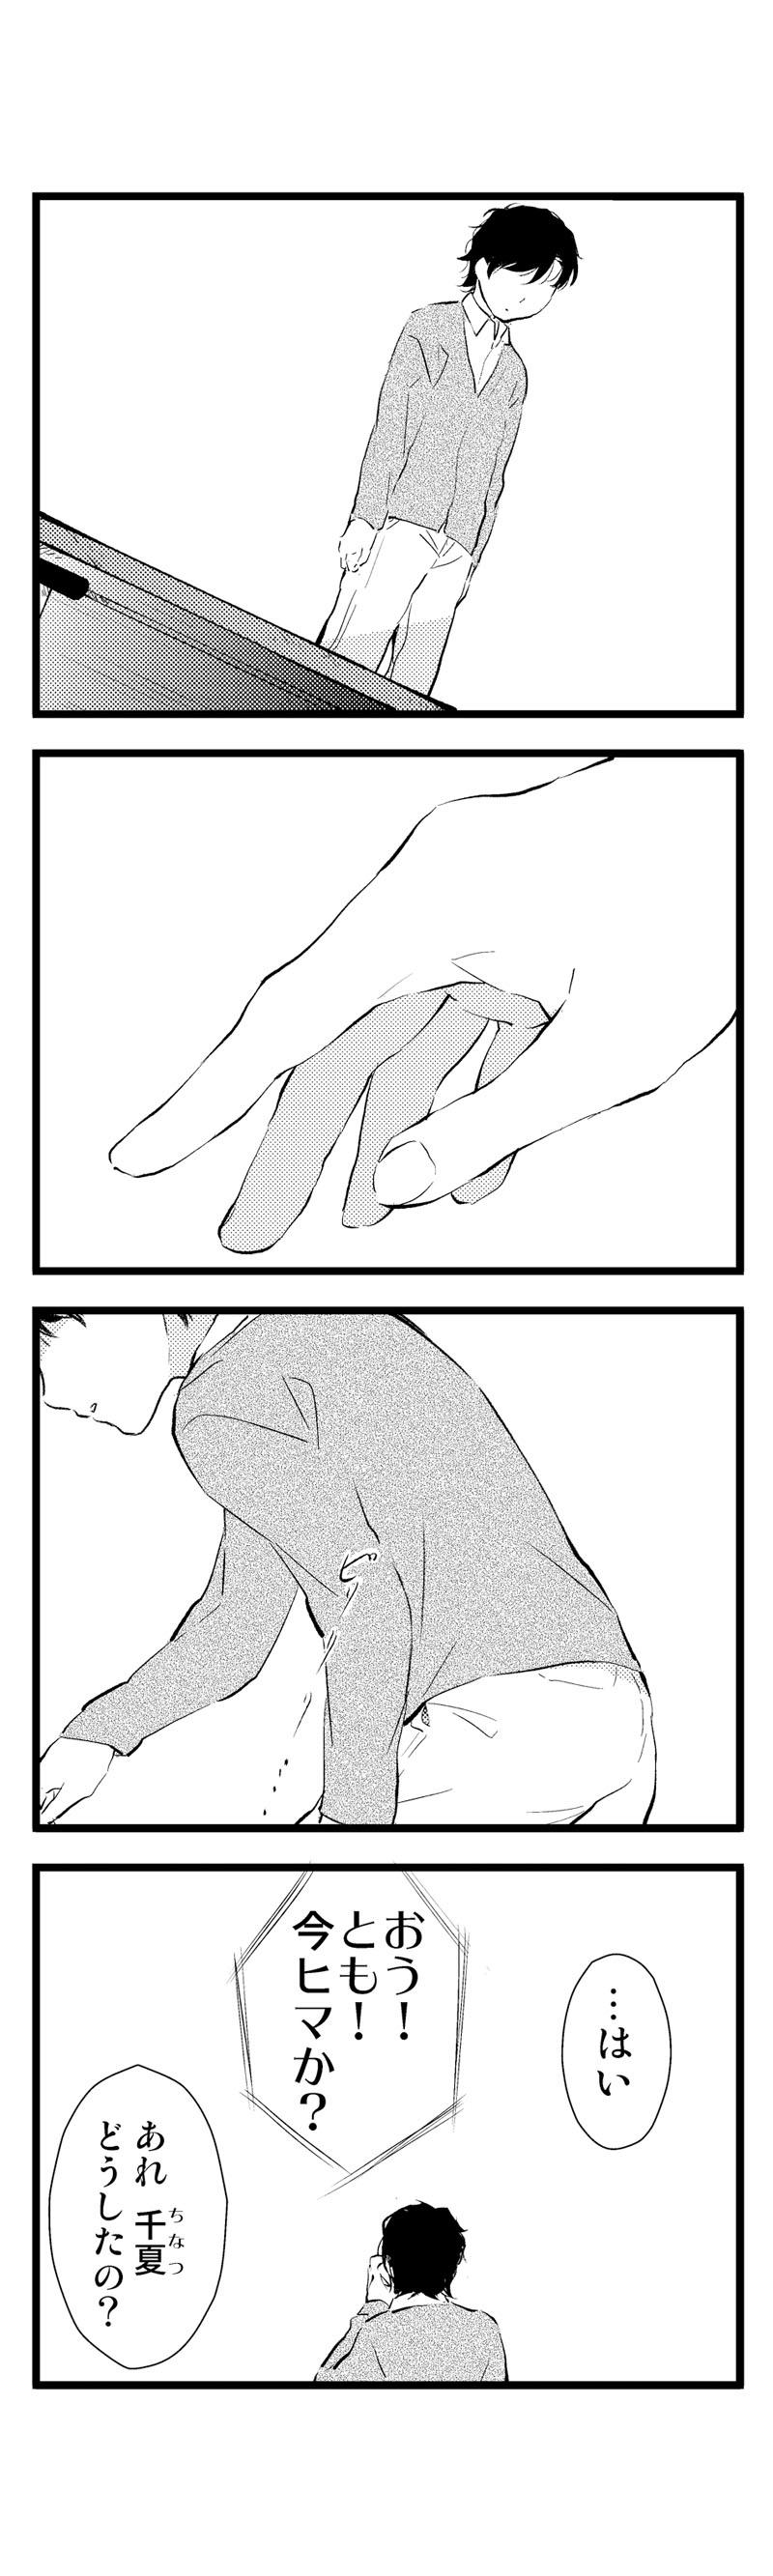 19話「手を伸ばしても」